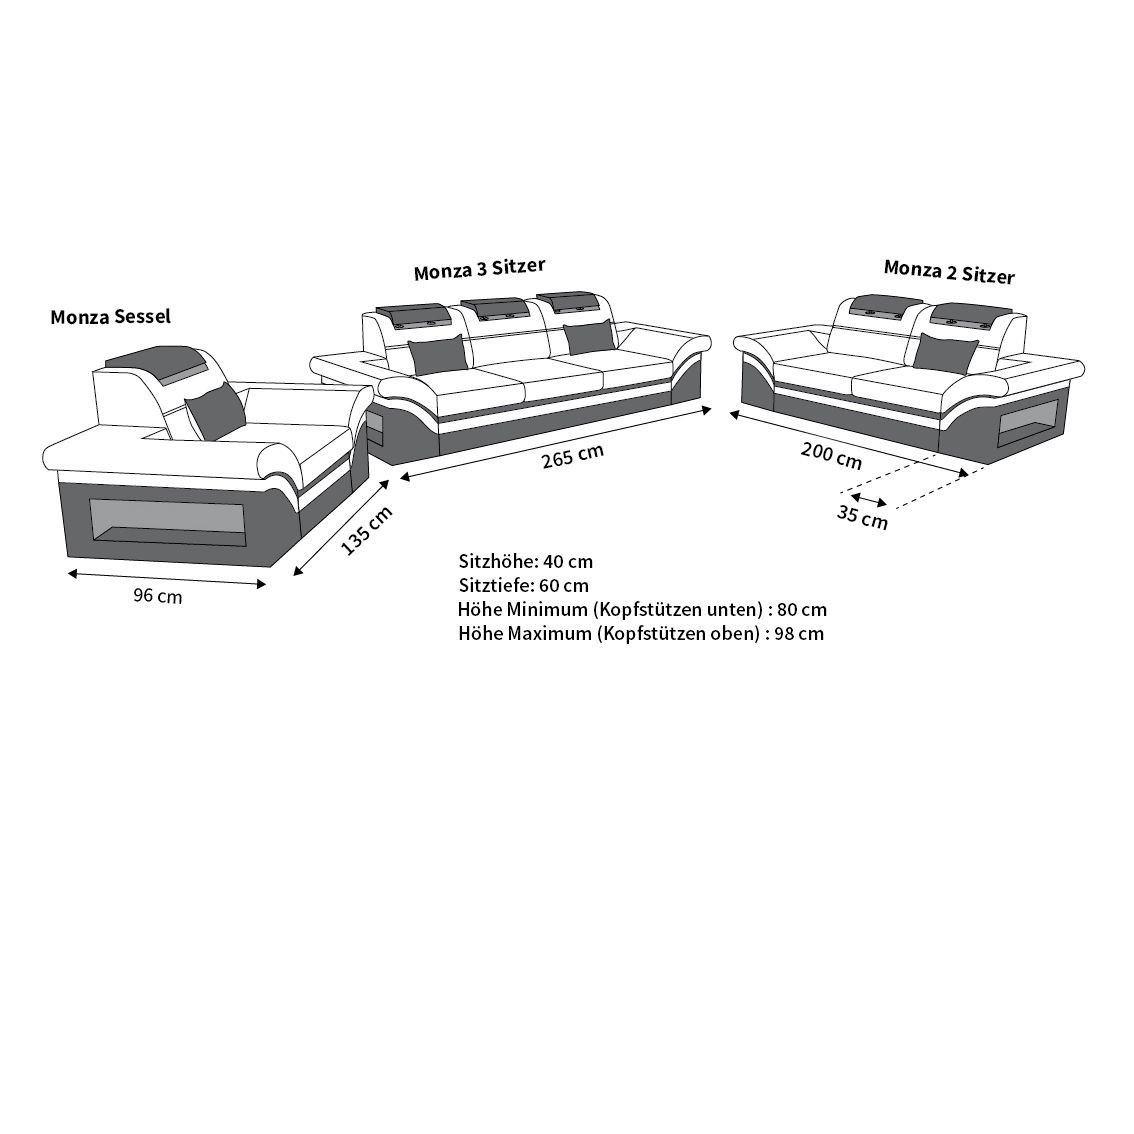 couchgarnitur monza 3 2 1 in leder mit eingebauter led beleuchtung. Black Bedroom Furniture Sets. Home Design Ideas